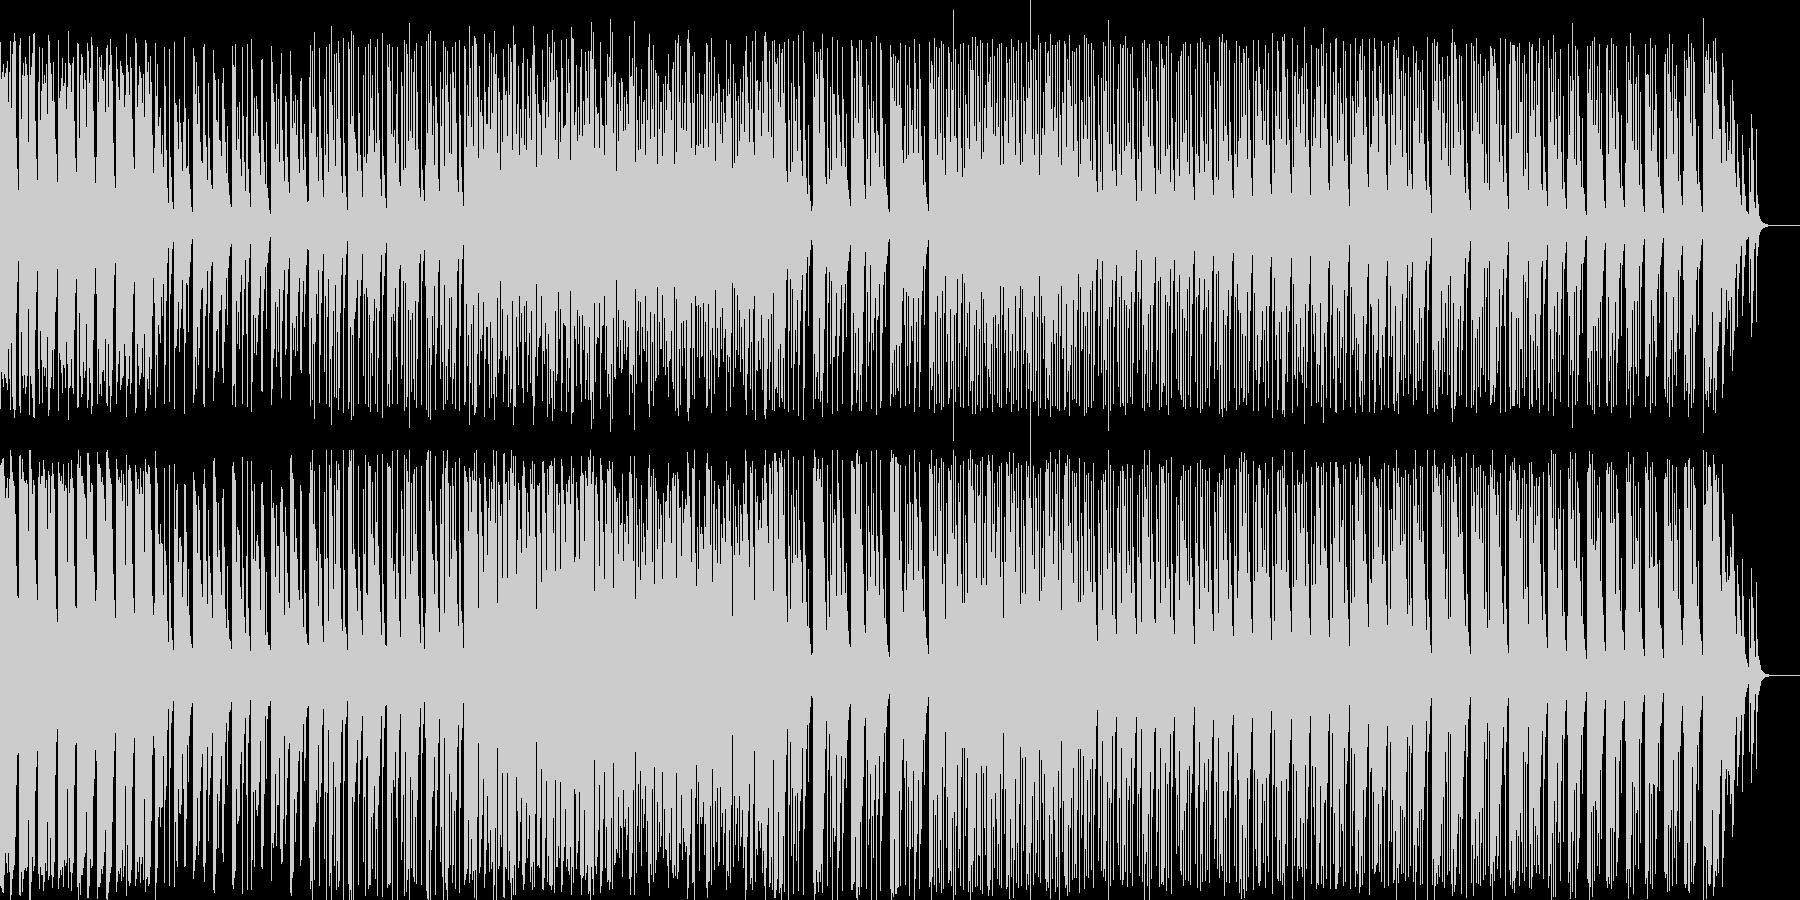 和風料理店に合う琴の音楽2の未再生の波形